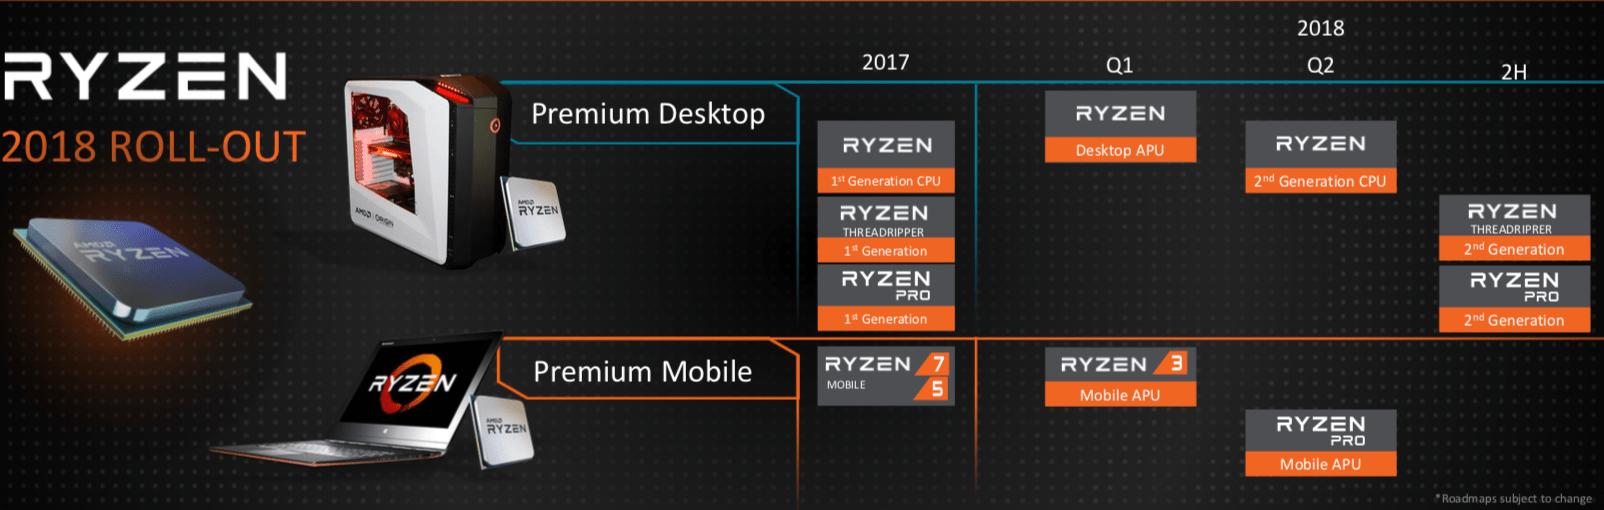 Ryzen-Roadmap für 2018